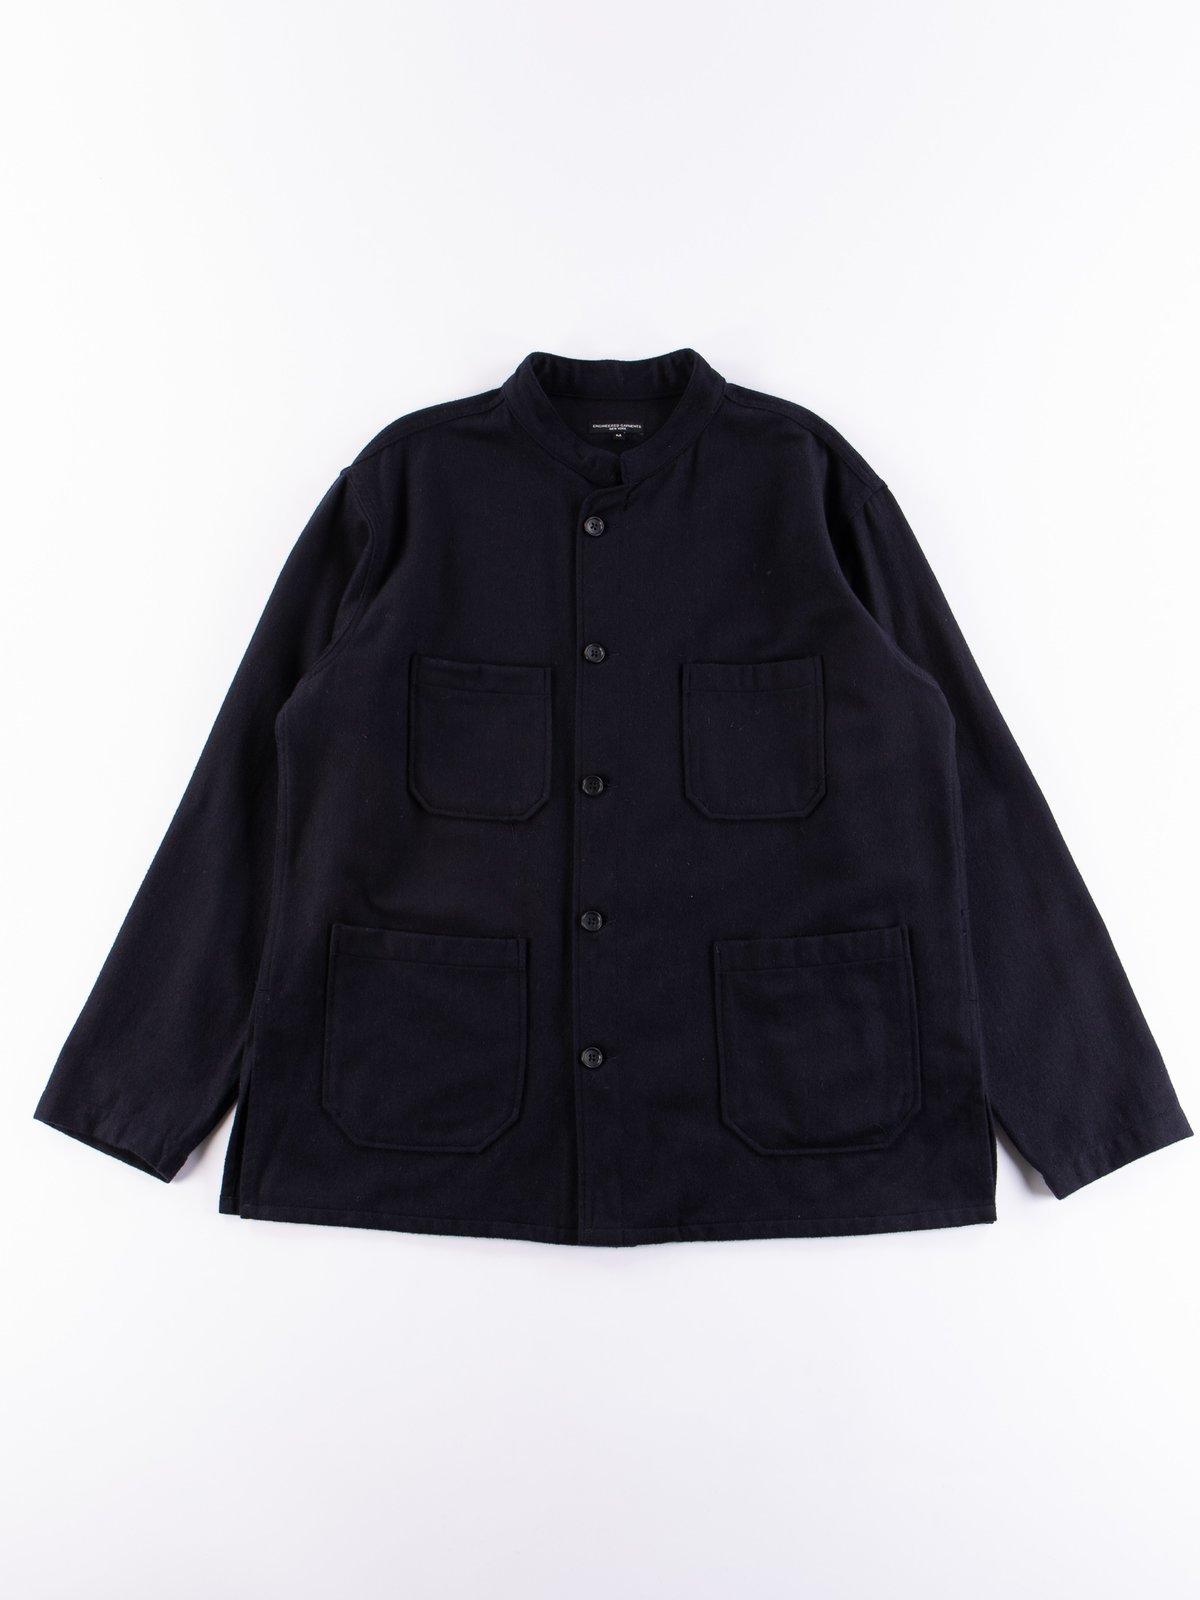 Dark Navy Wool Cotton Flannel Dayton Shirt - Image 1